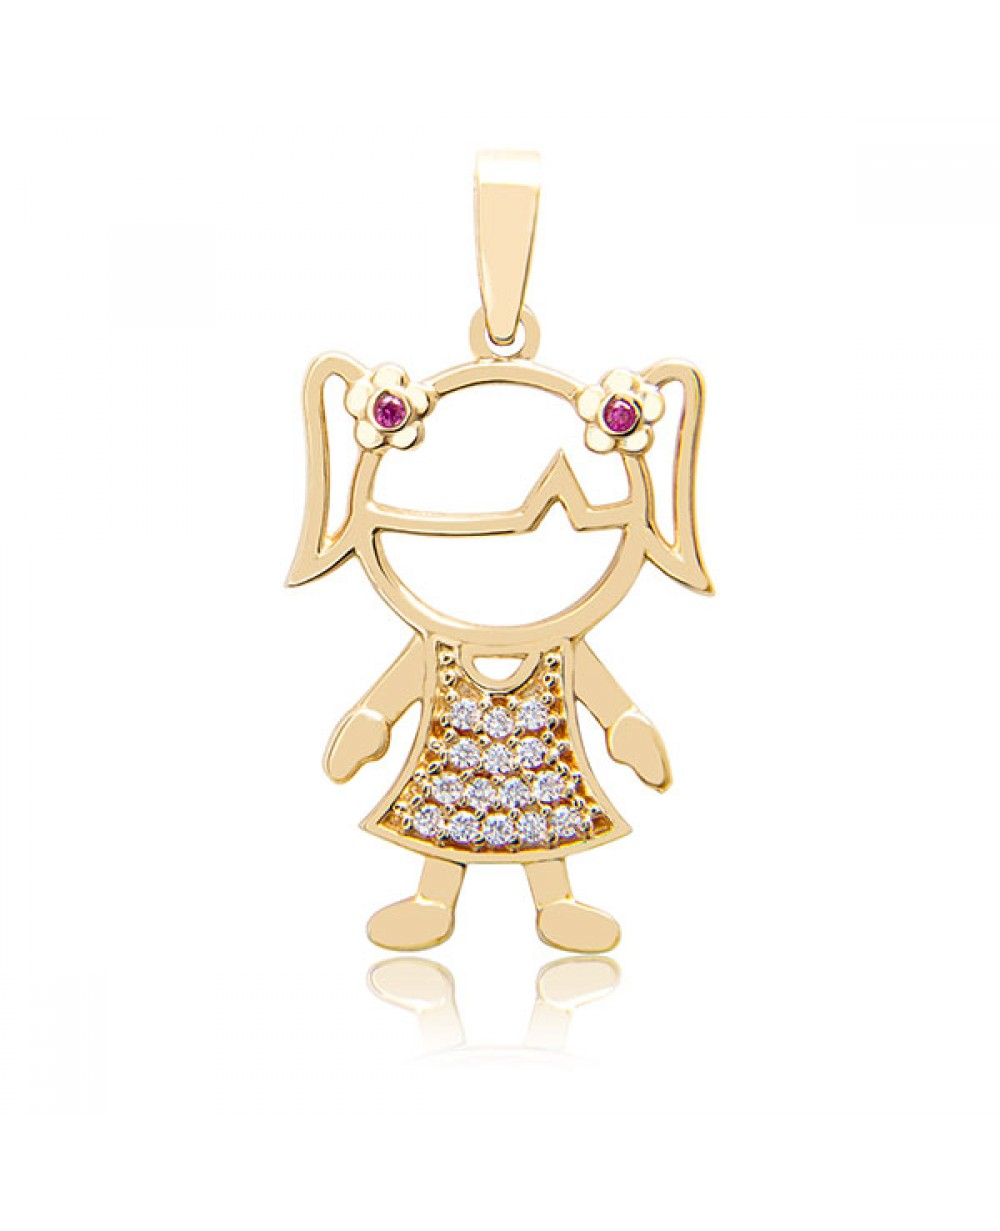 8996558f3b0b5 Pingente Menina em Ouro 18K com Rubis e Diamantes lapidação brilhante